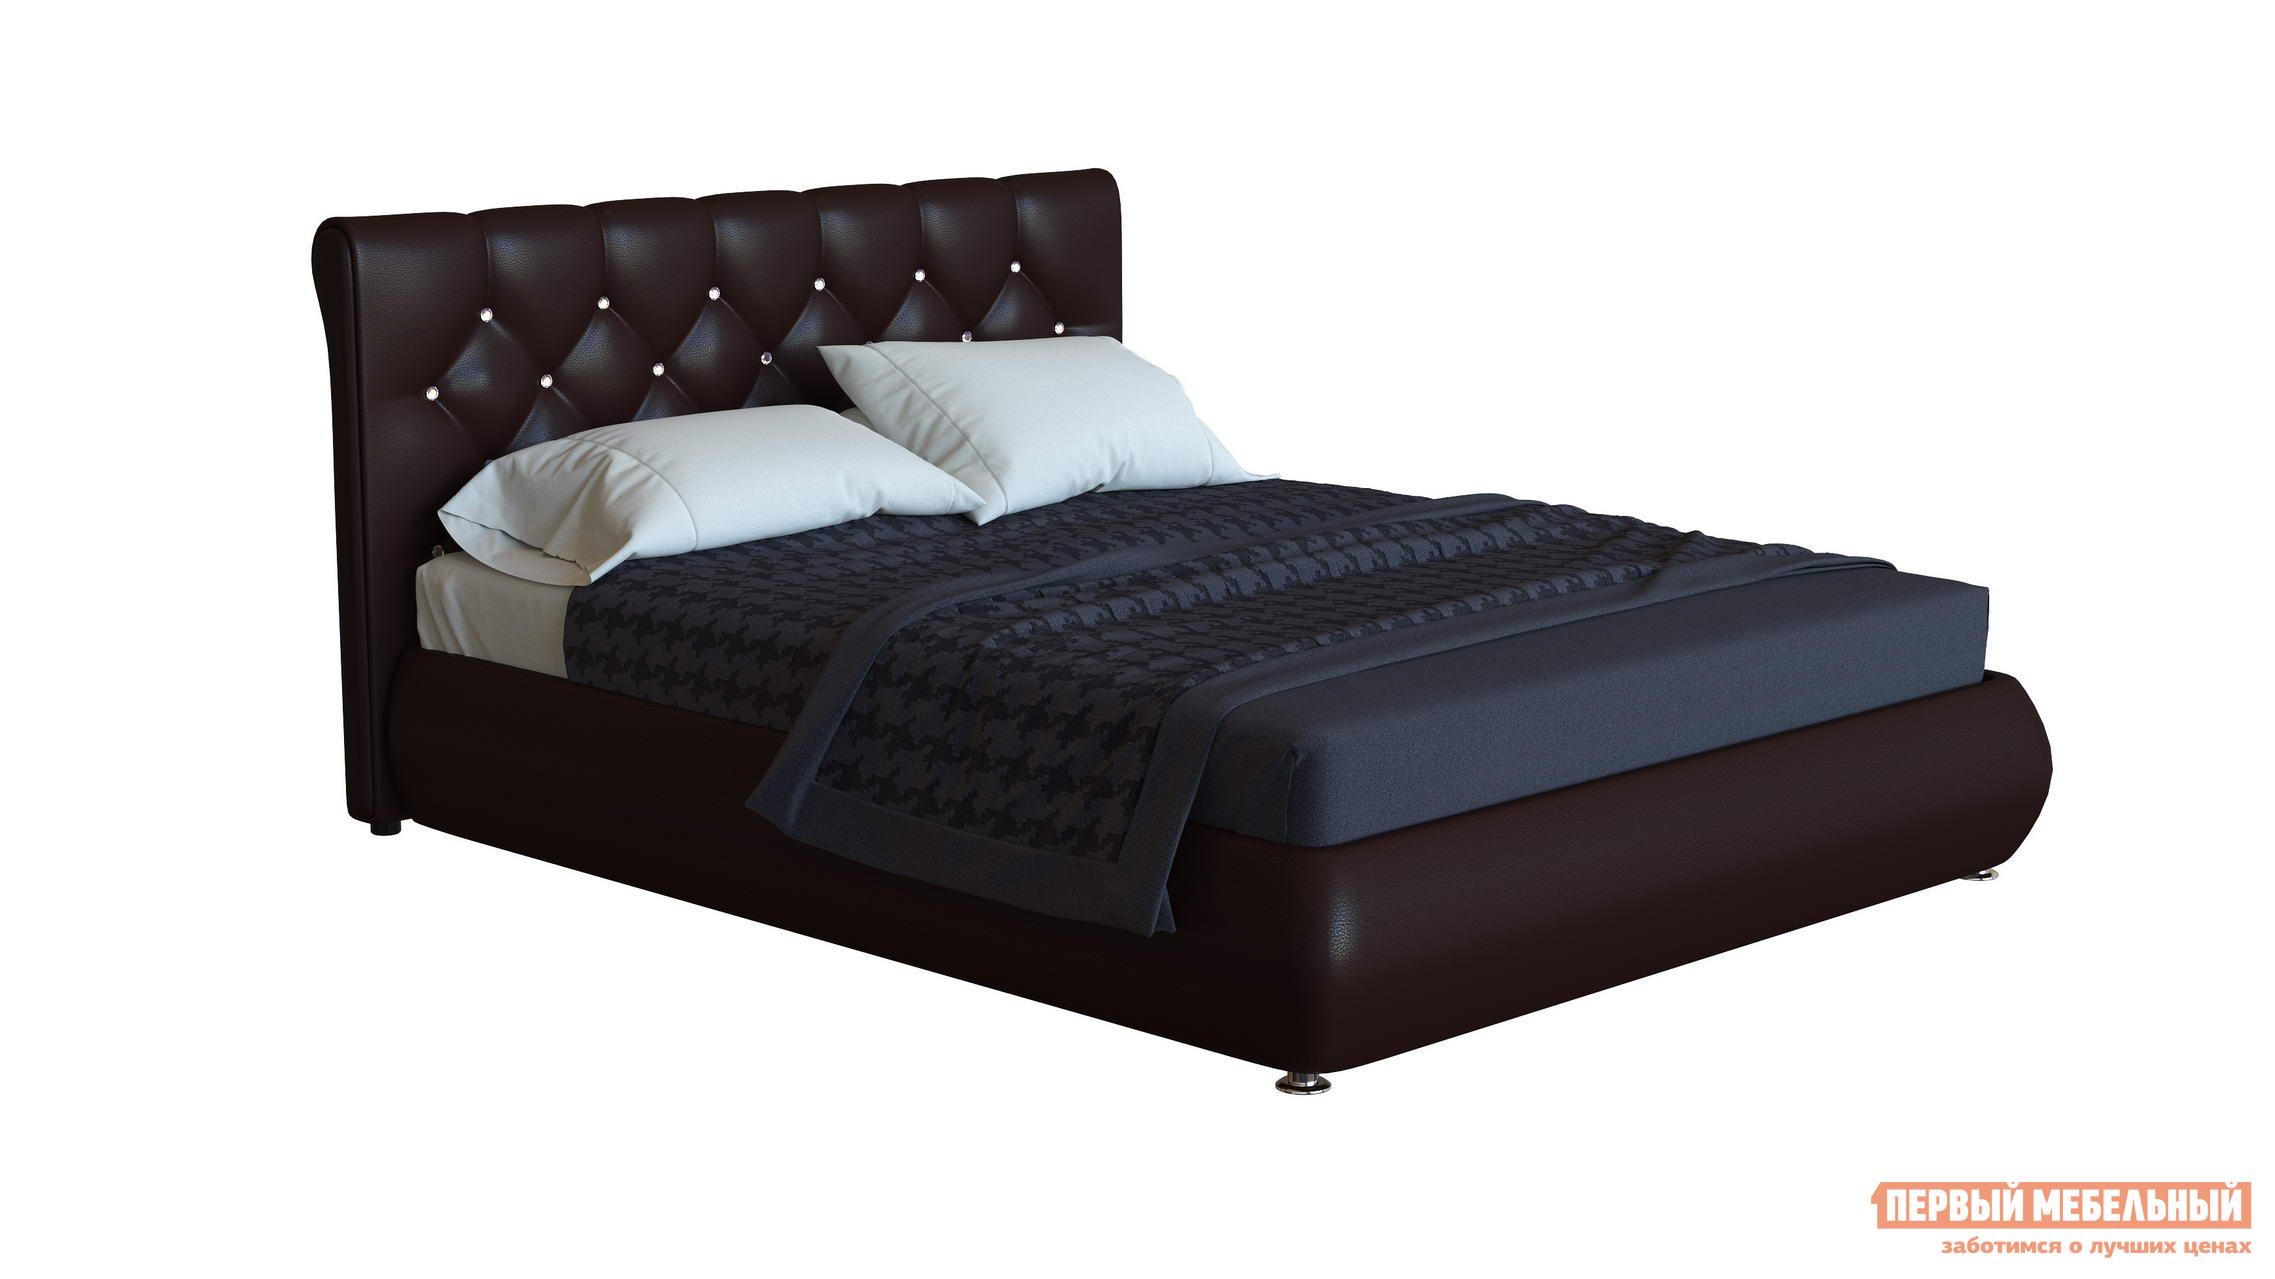 Полутороспальная кровать со стразами Первый Мебельный Кровать Джейн декор стразы 140х200 полутороспальная кровать первый мебельный кровать милана 140х200